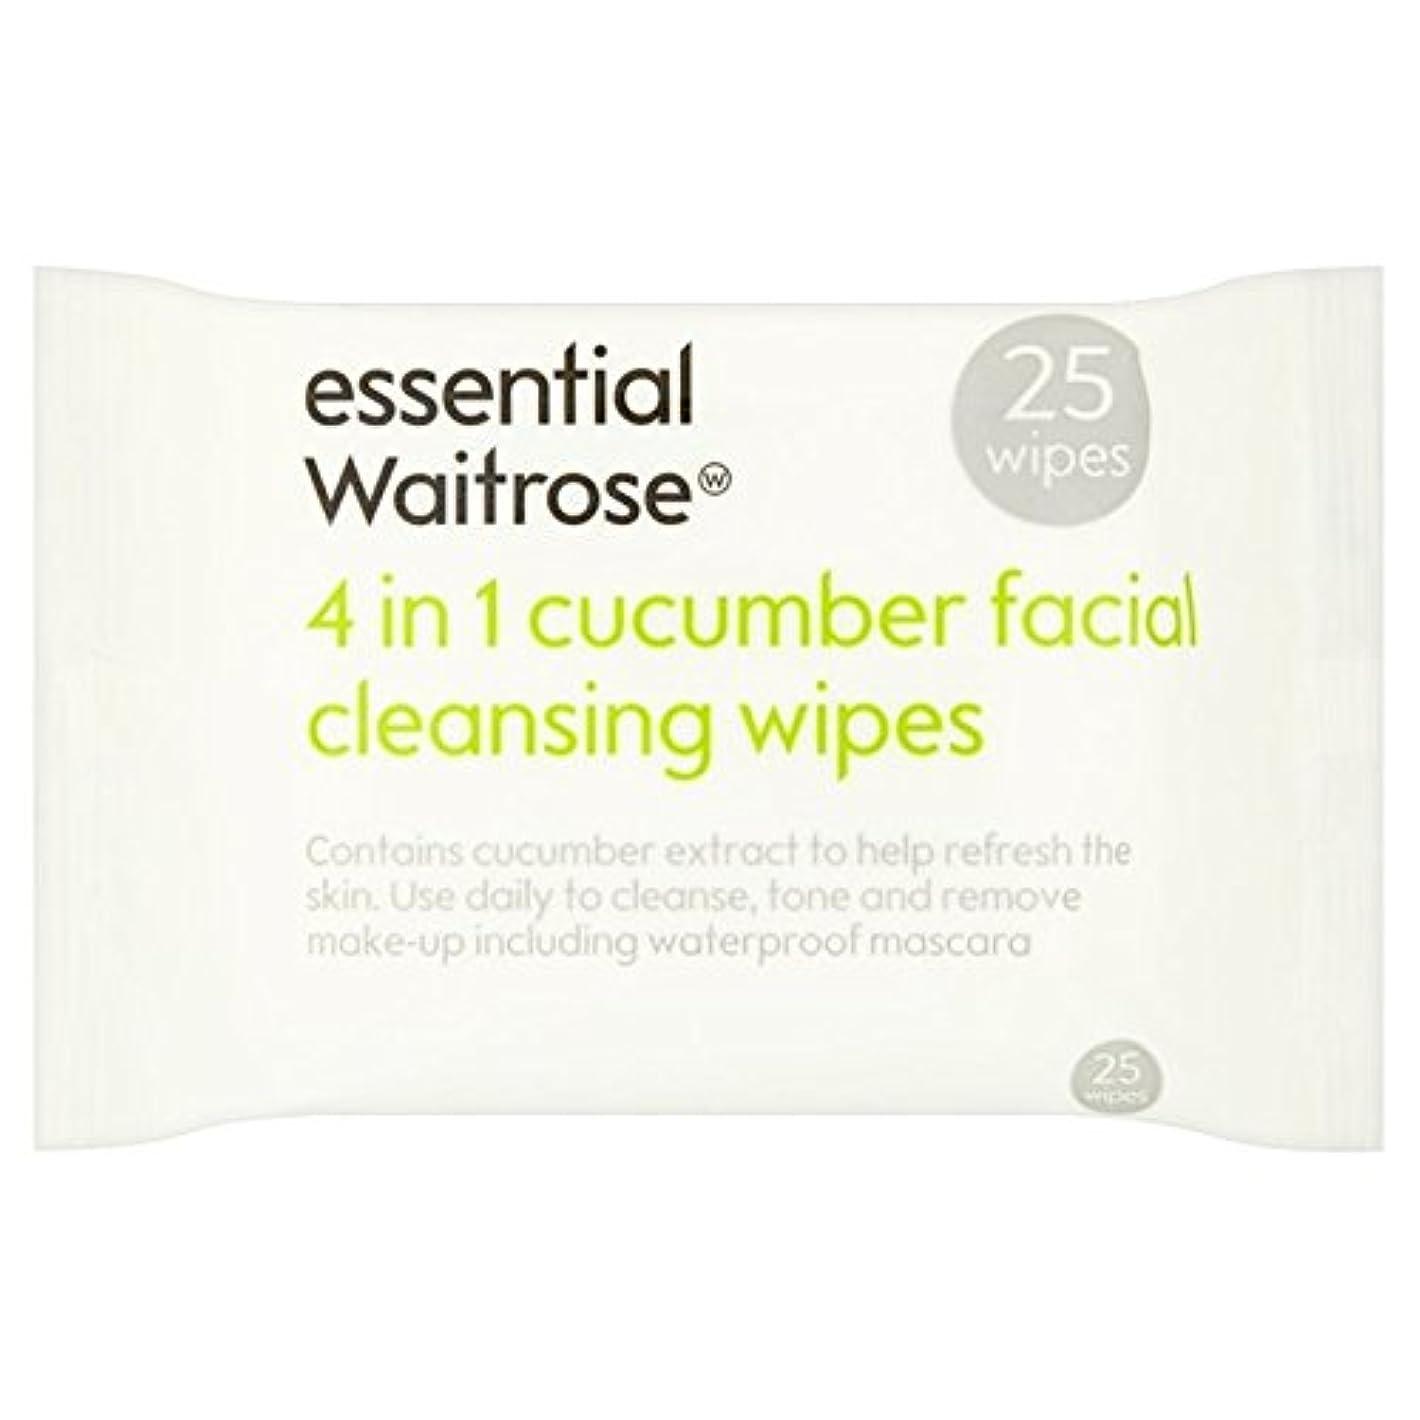 ページ月カスタムCucumber Facial Wipes essential Waitrose 25 per pack - キュウリ顔のワイプパックあたり不可欠ウェイトローズ25 [並行輸入品]